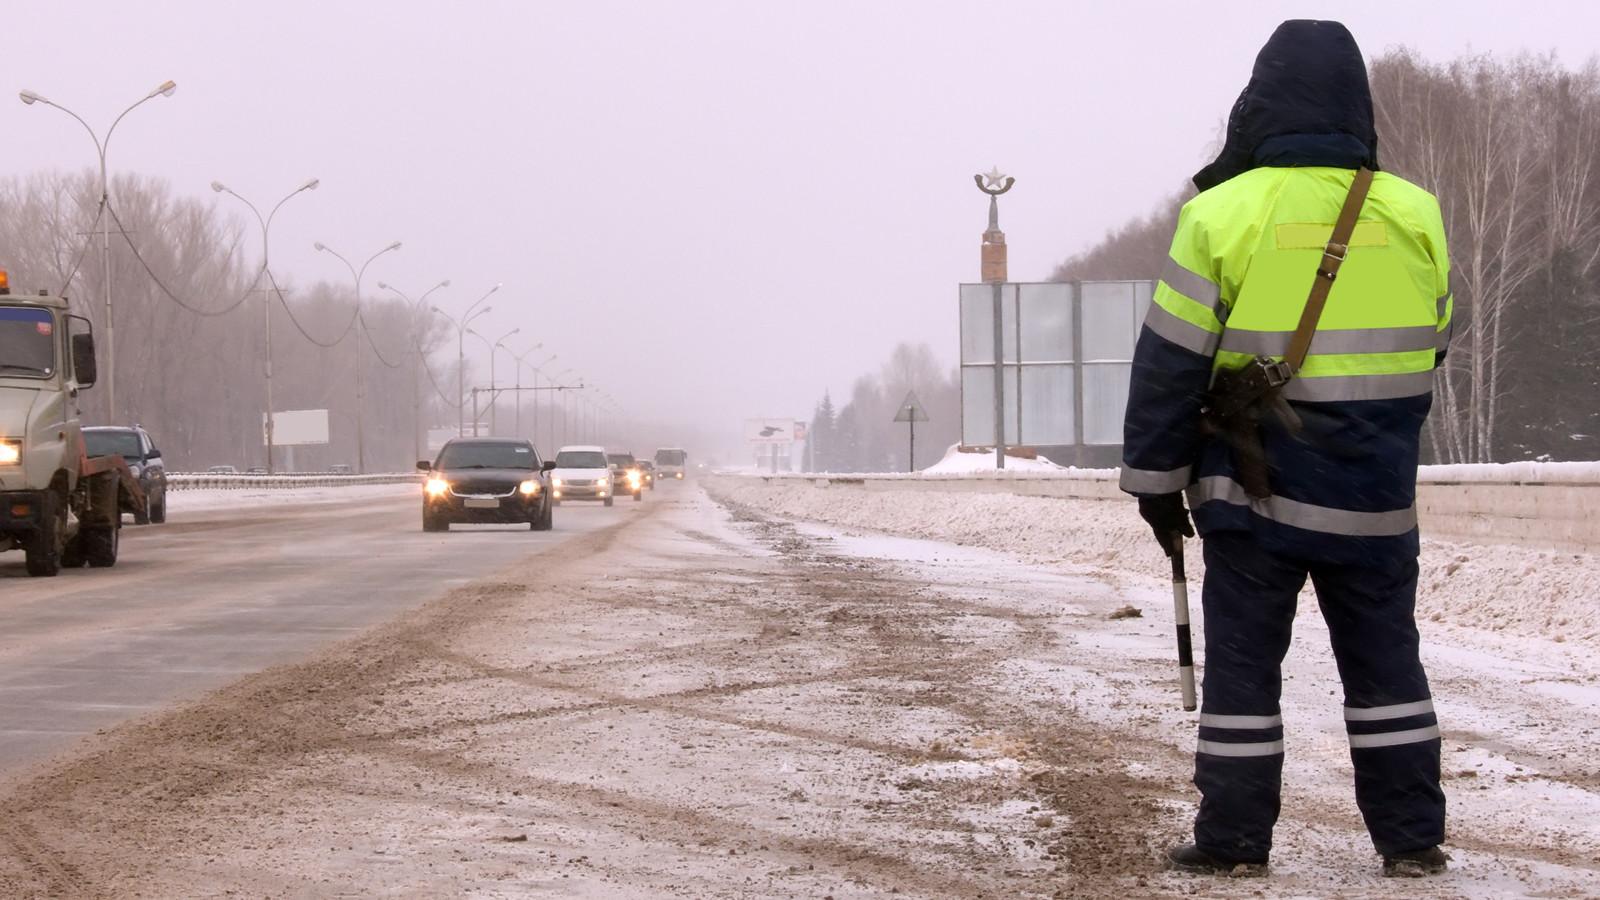 Дпс разводы на дорогах россии примеру, этот